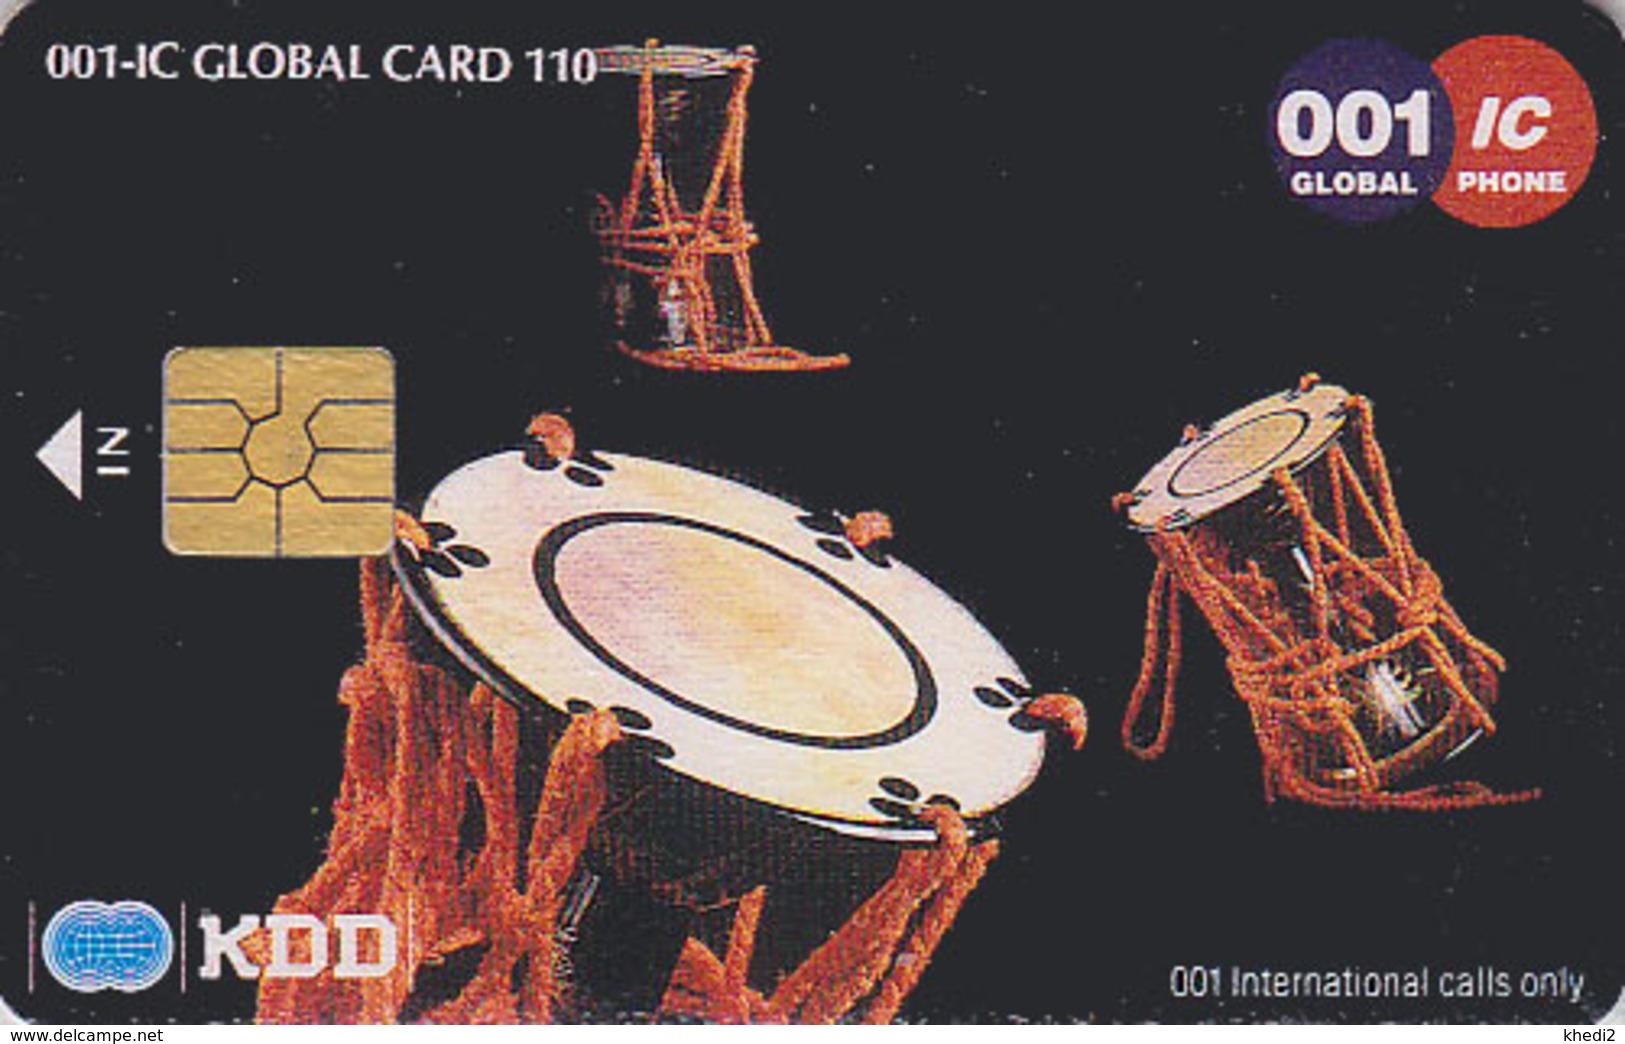 Télécarte à PUCE Japon / KDD - N° 1 / Musique Tambour * 110 U * - Japan Drum Music CHIP Phonecard - Trommel Telefonkarte - Japan